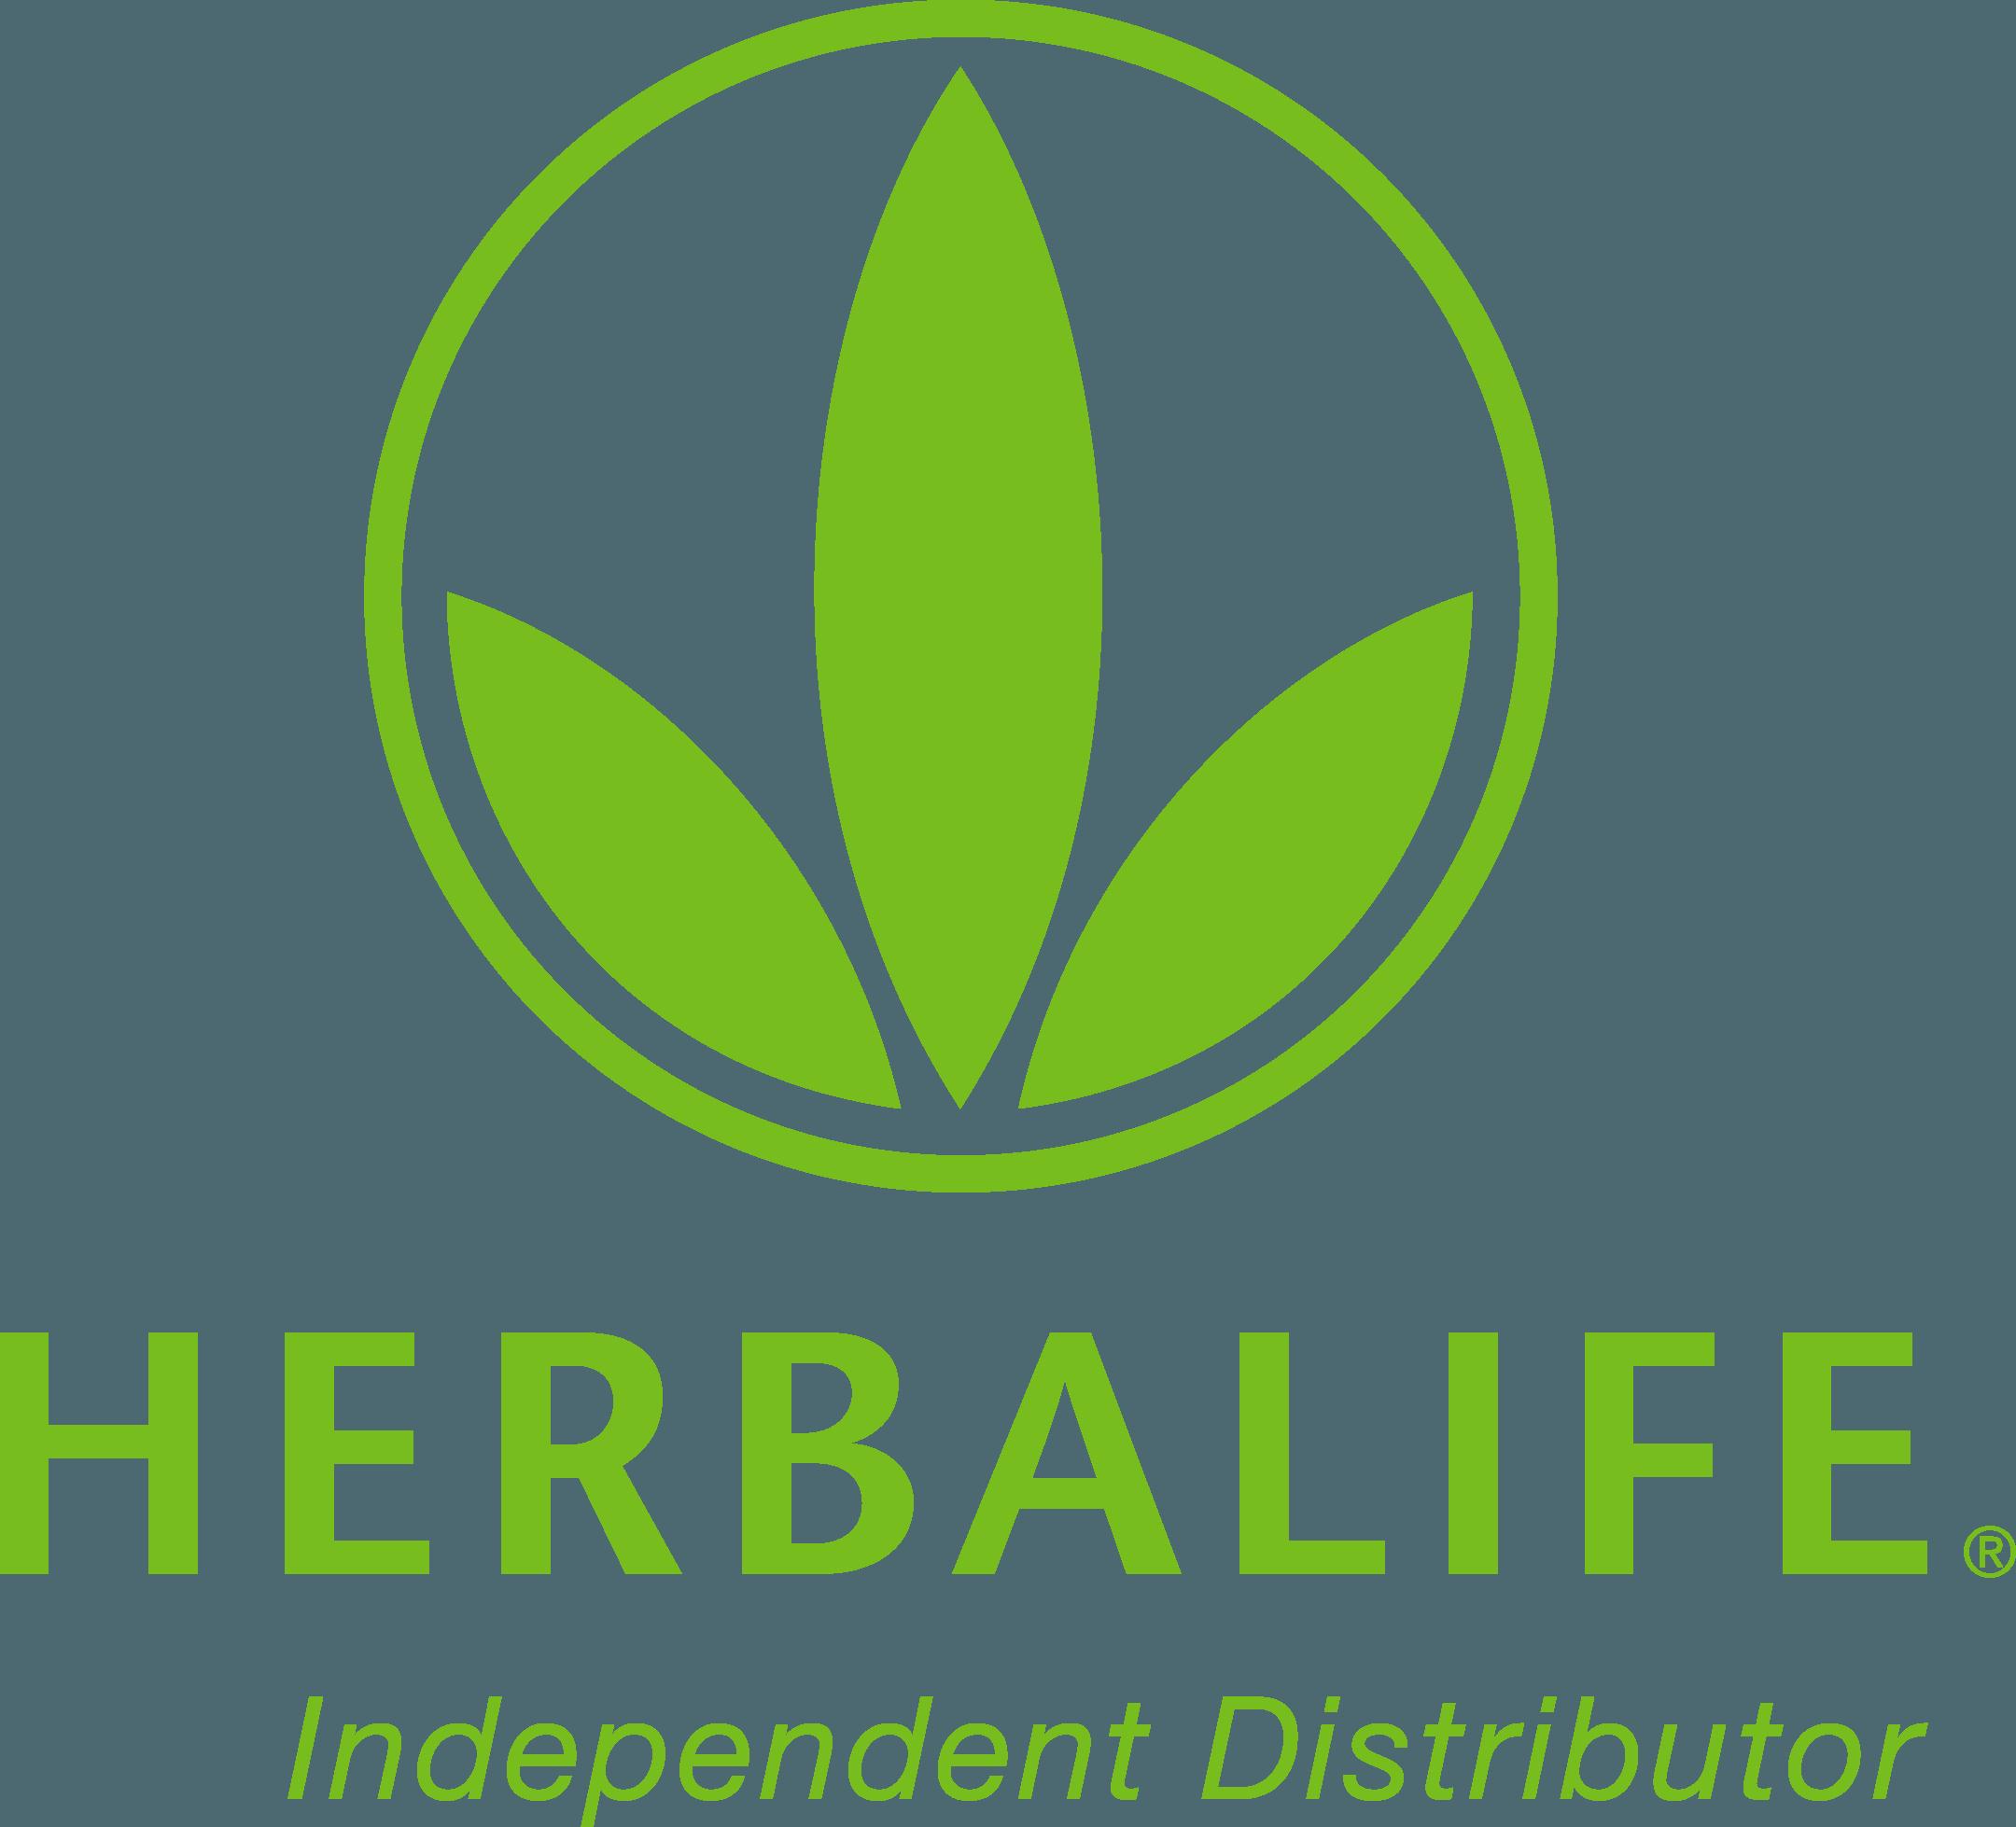 Herbalife Logo Png Image Herbalife Nutrition Logo Herbalife Nutrition